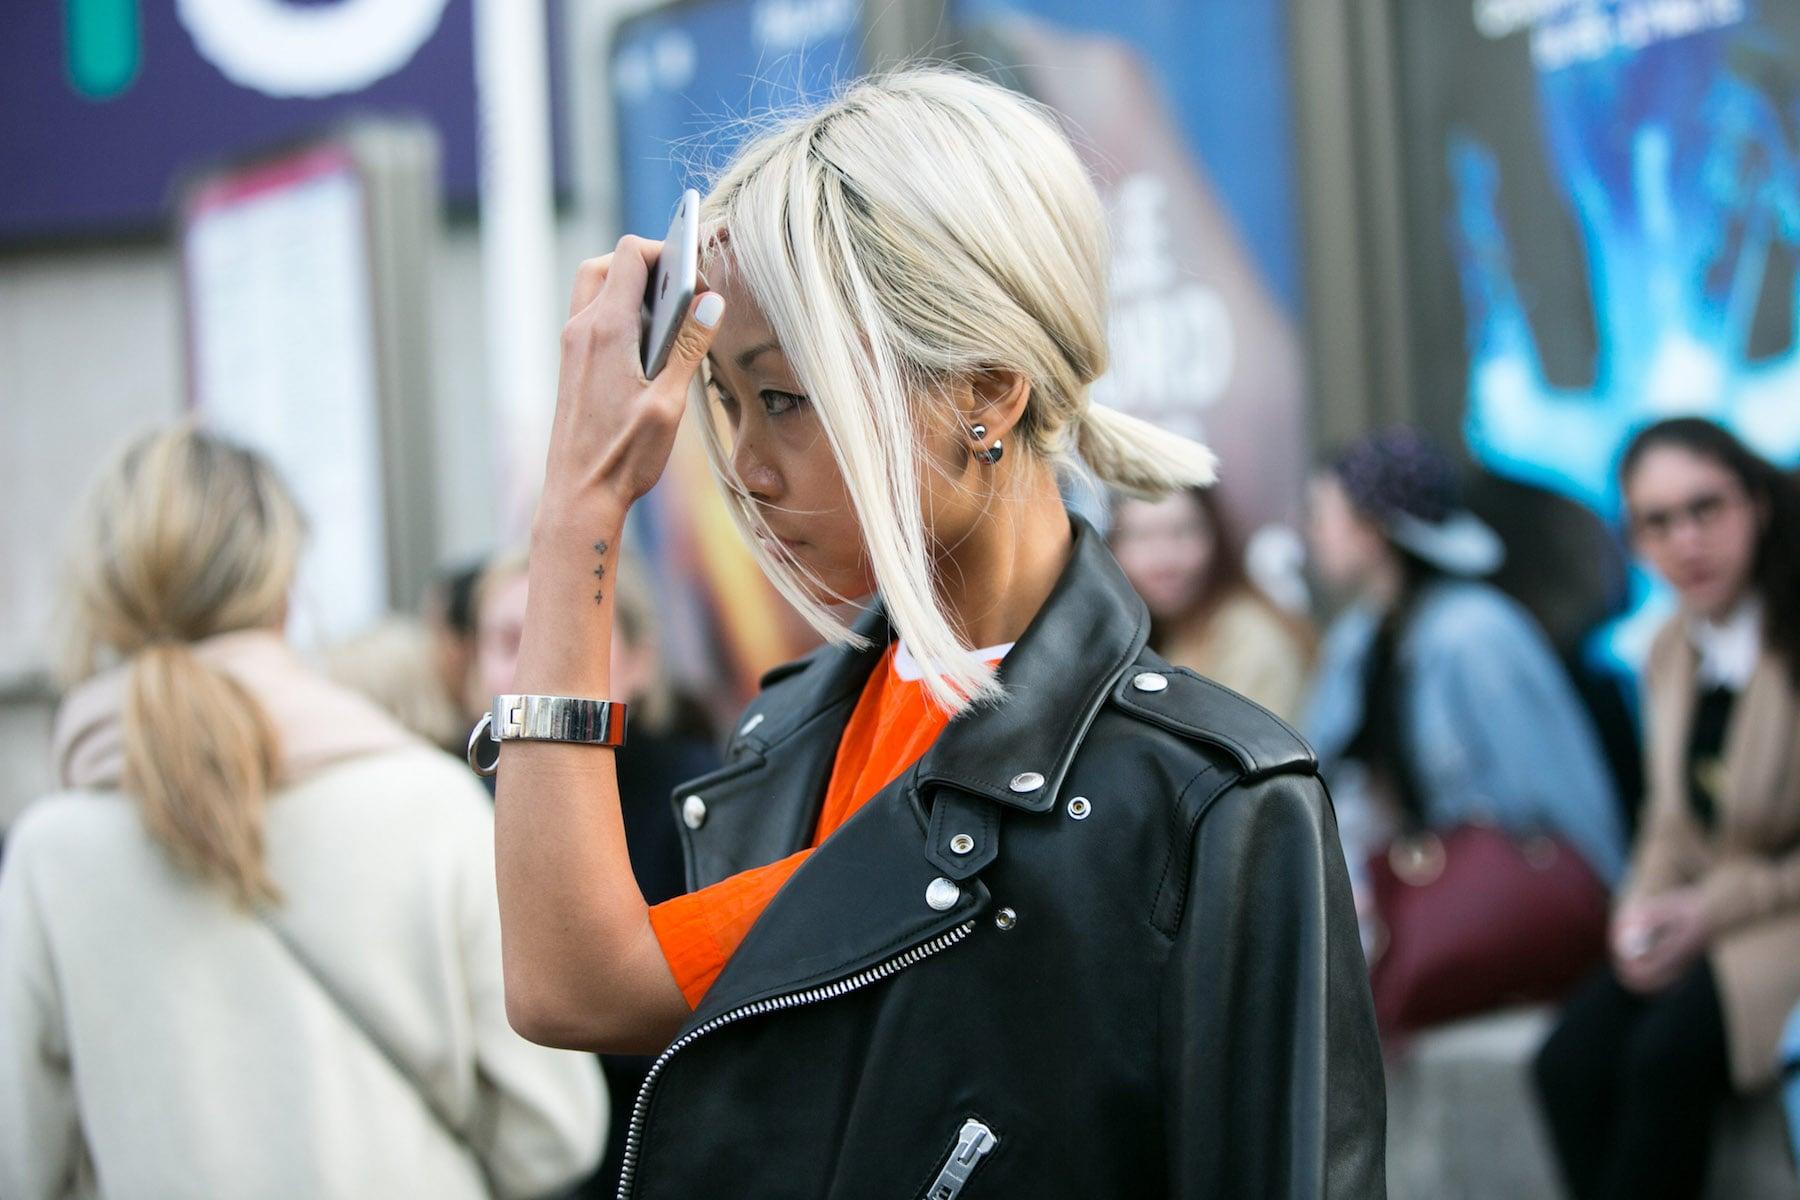 Wanita asia dengan warna rambut platinum blonde